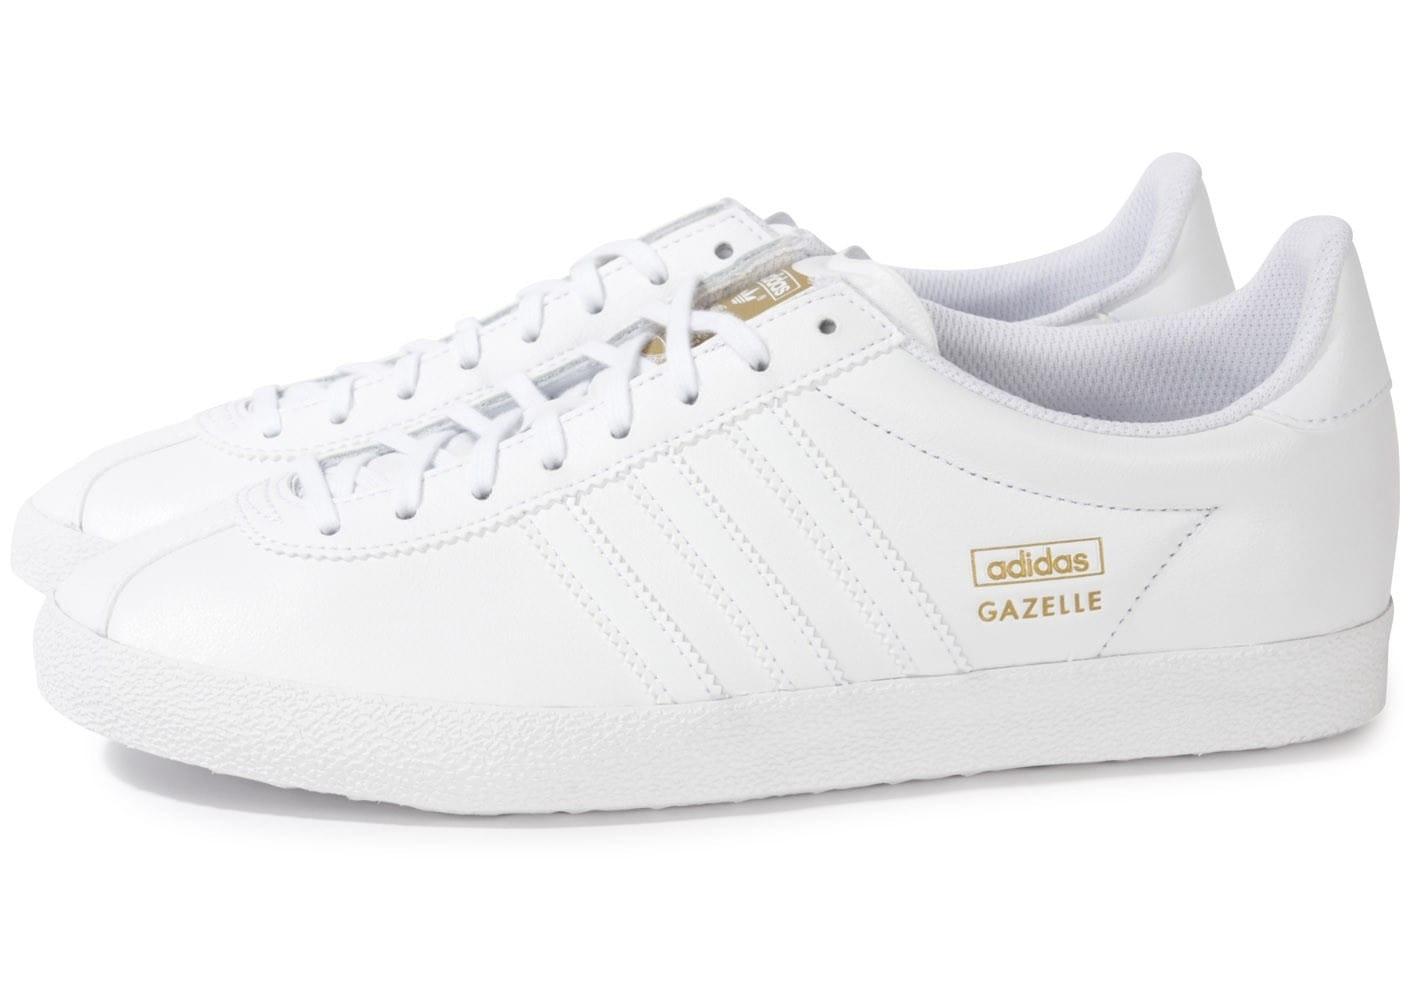 adidas gazelle homme rose